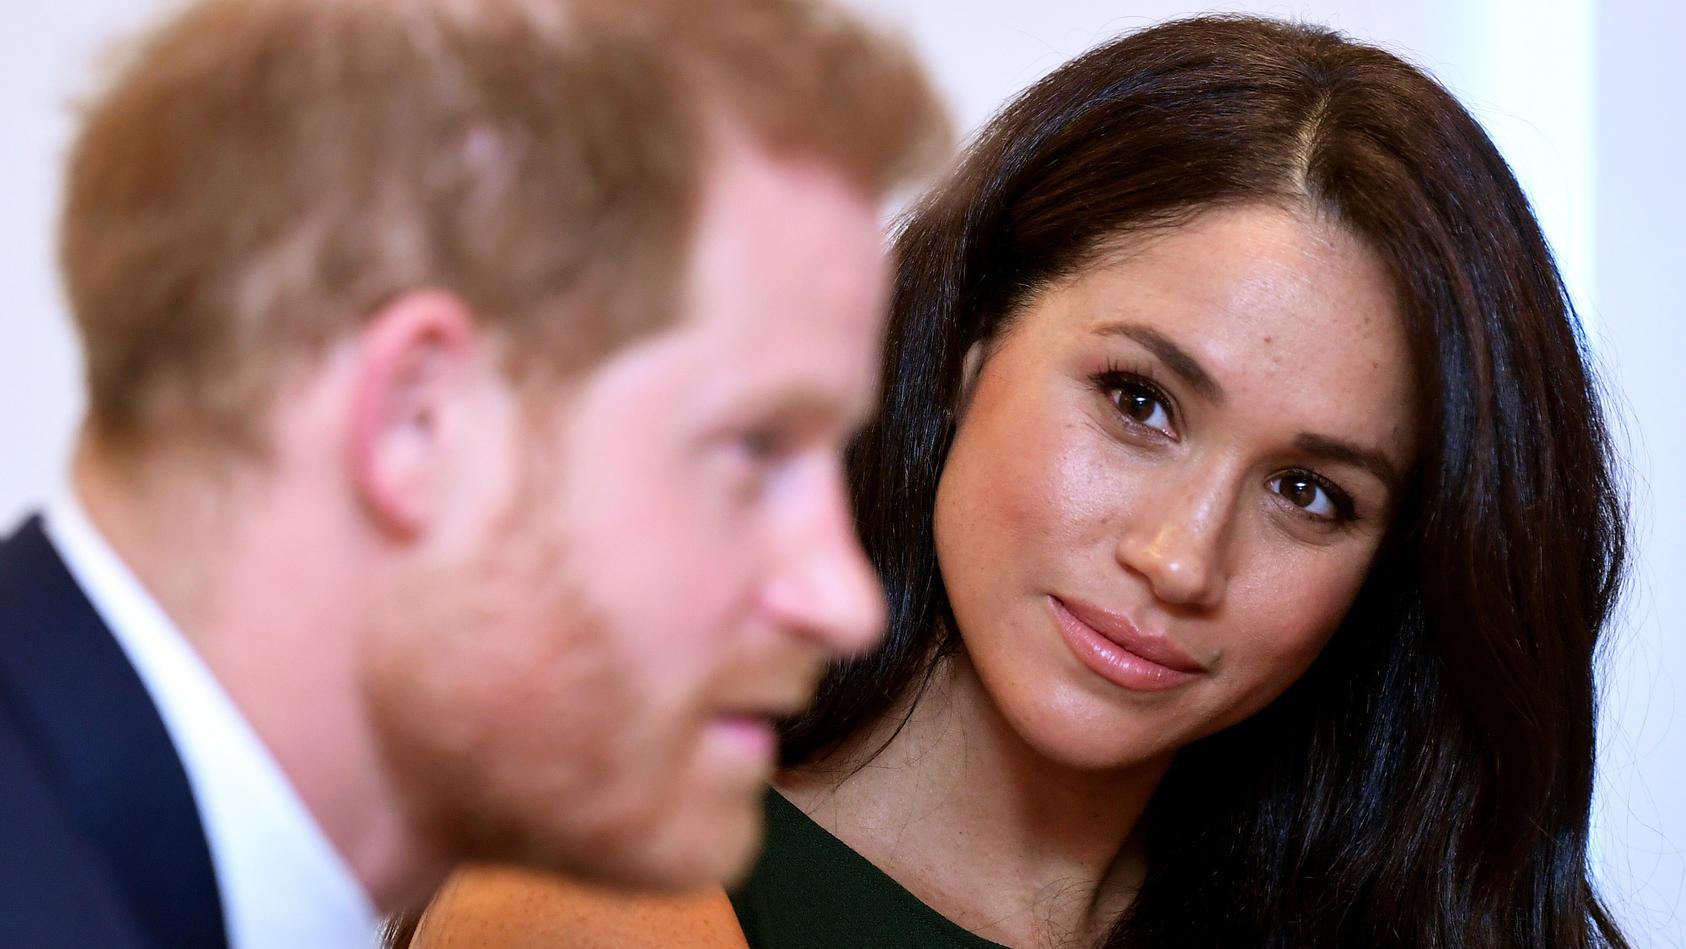 Komplett heile Royal-Welt? Mit diesem Irrglauben räumen Herzogin Meghan und Prinz Harry in einer Dokumentation auf